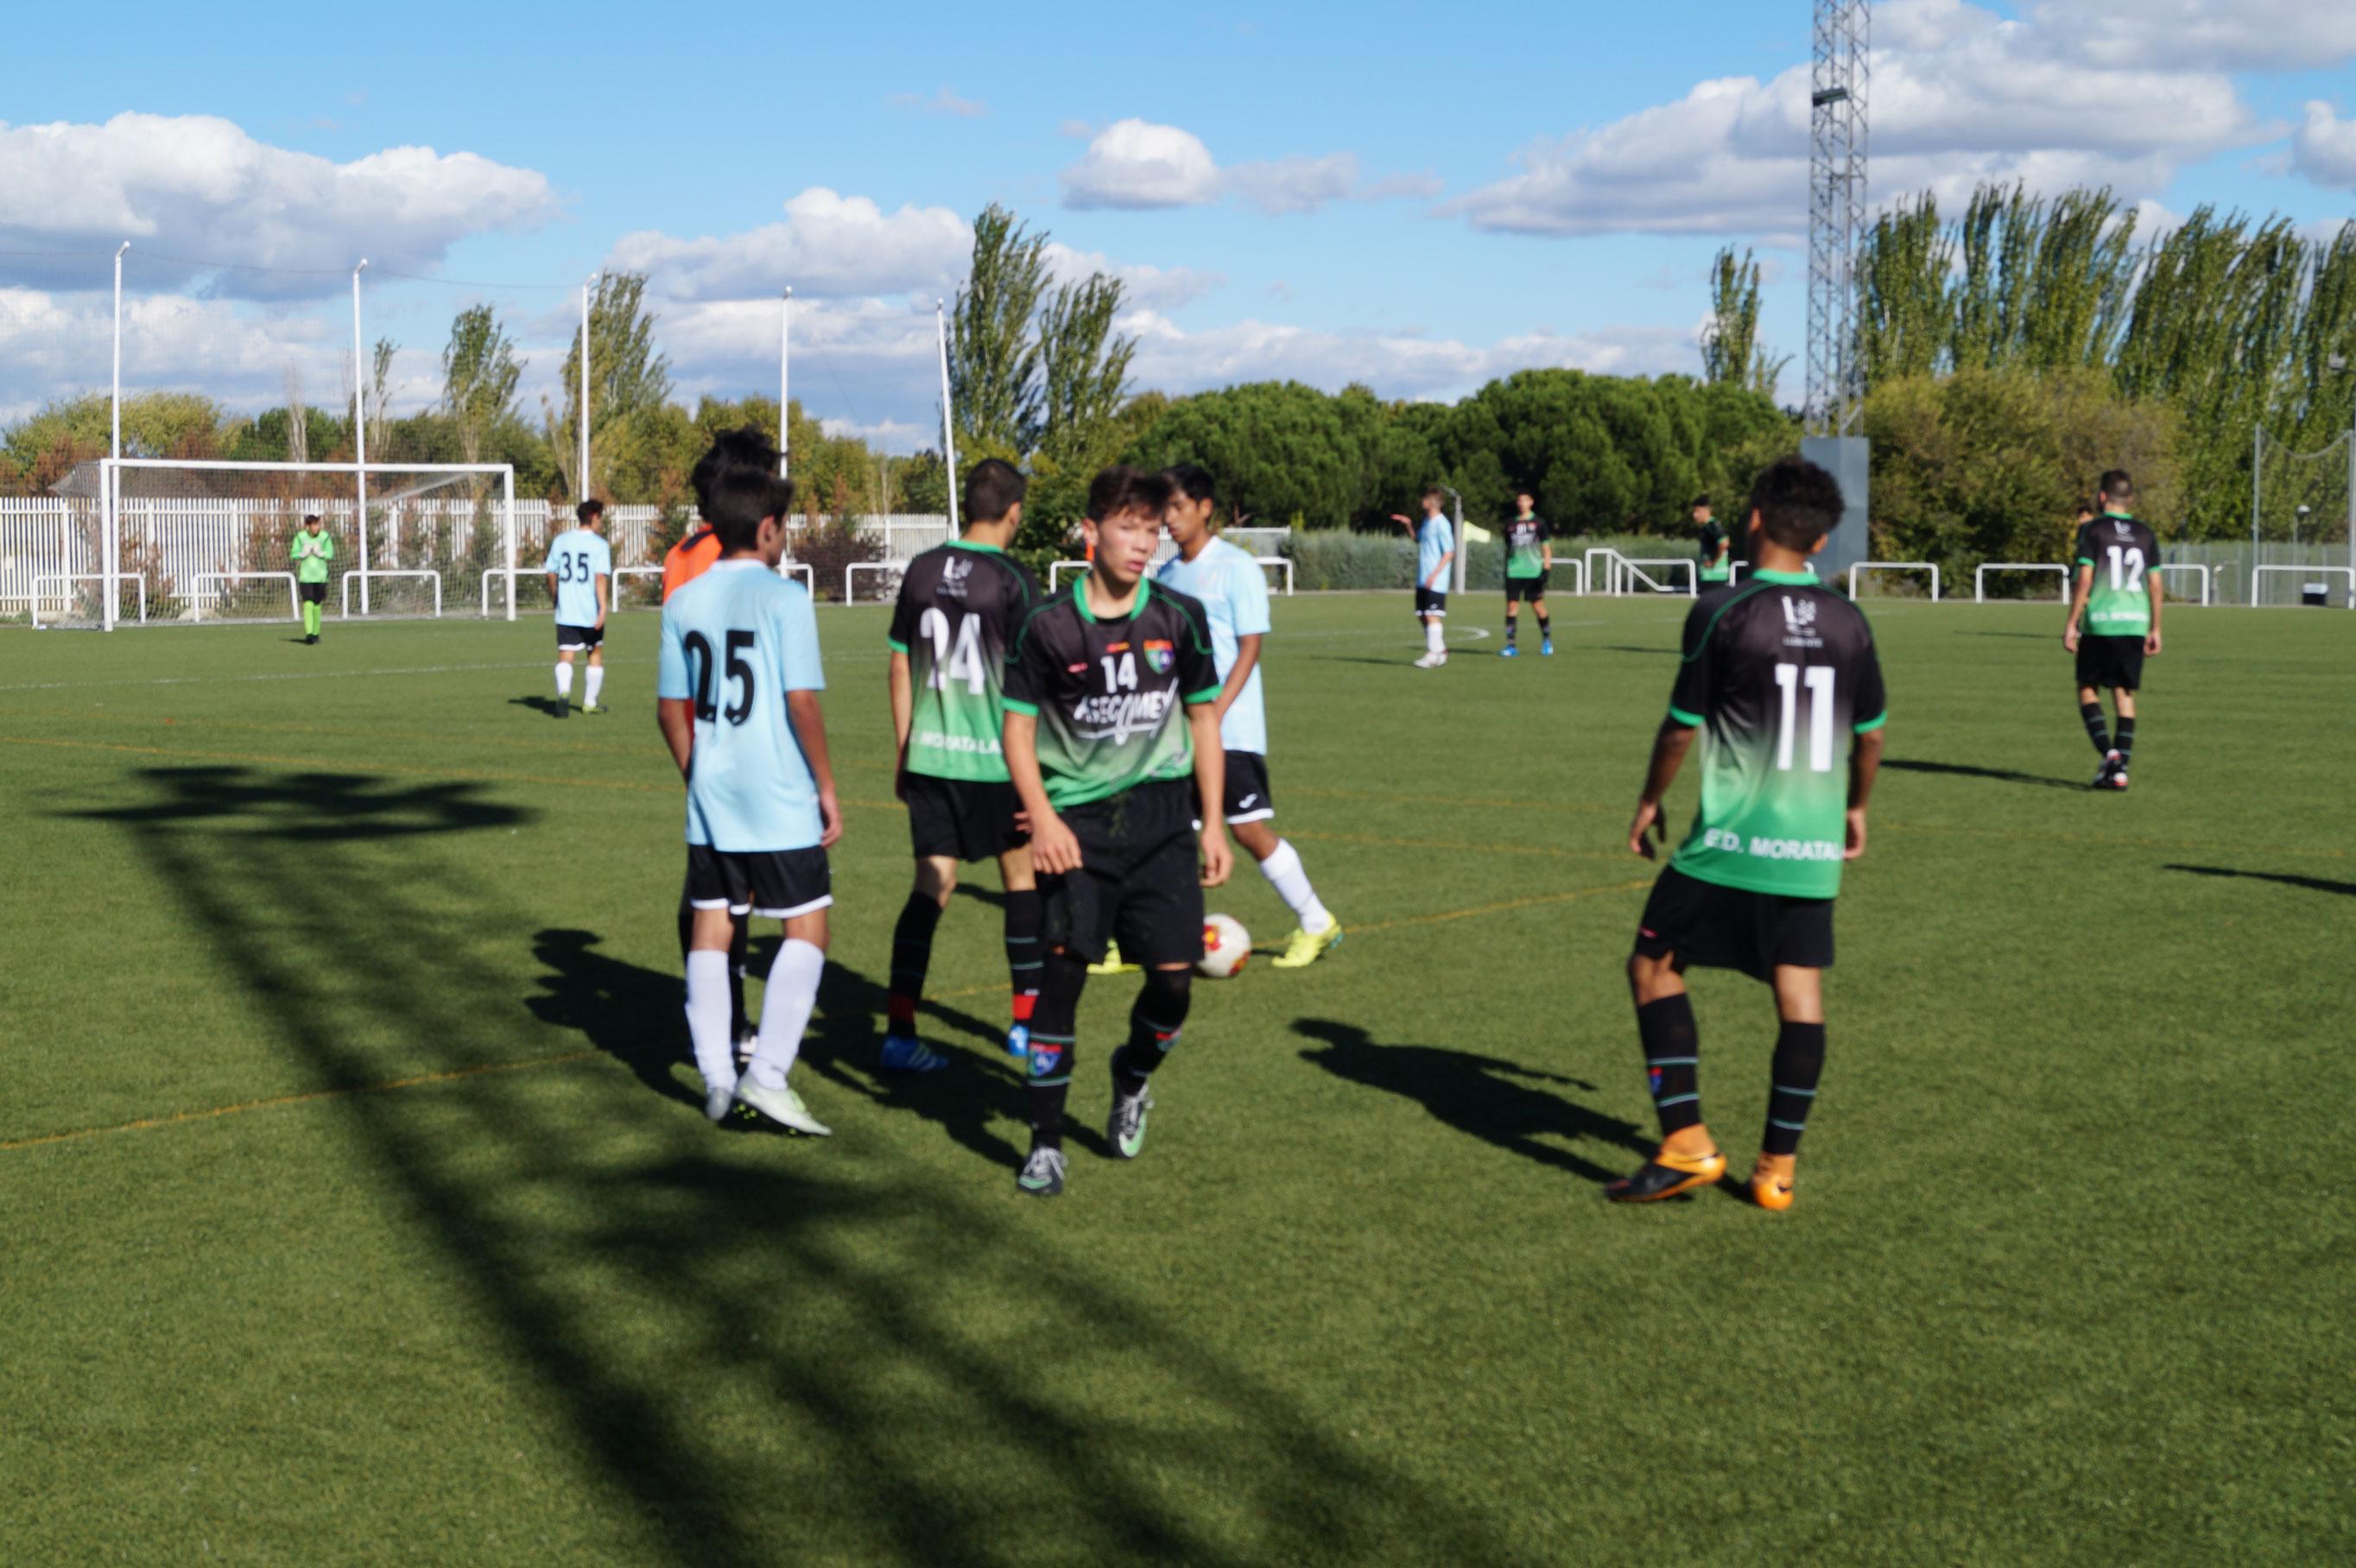 Crónica y fotos del partido La Academia 2m12 1 – 7 Juvenil D